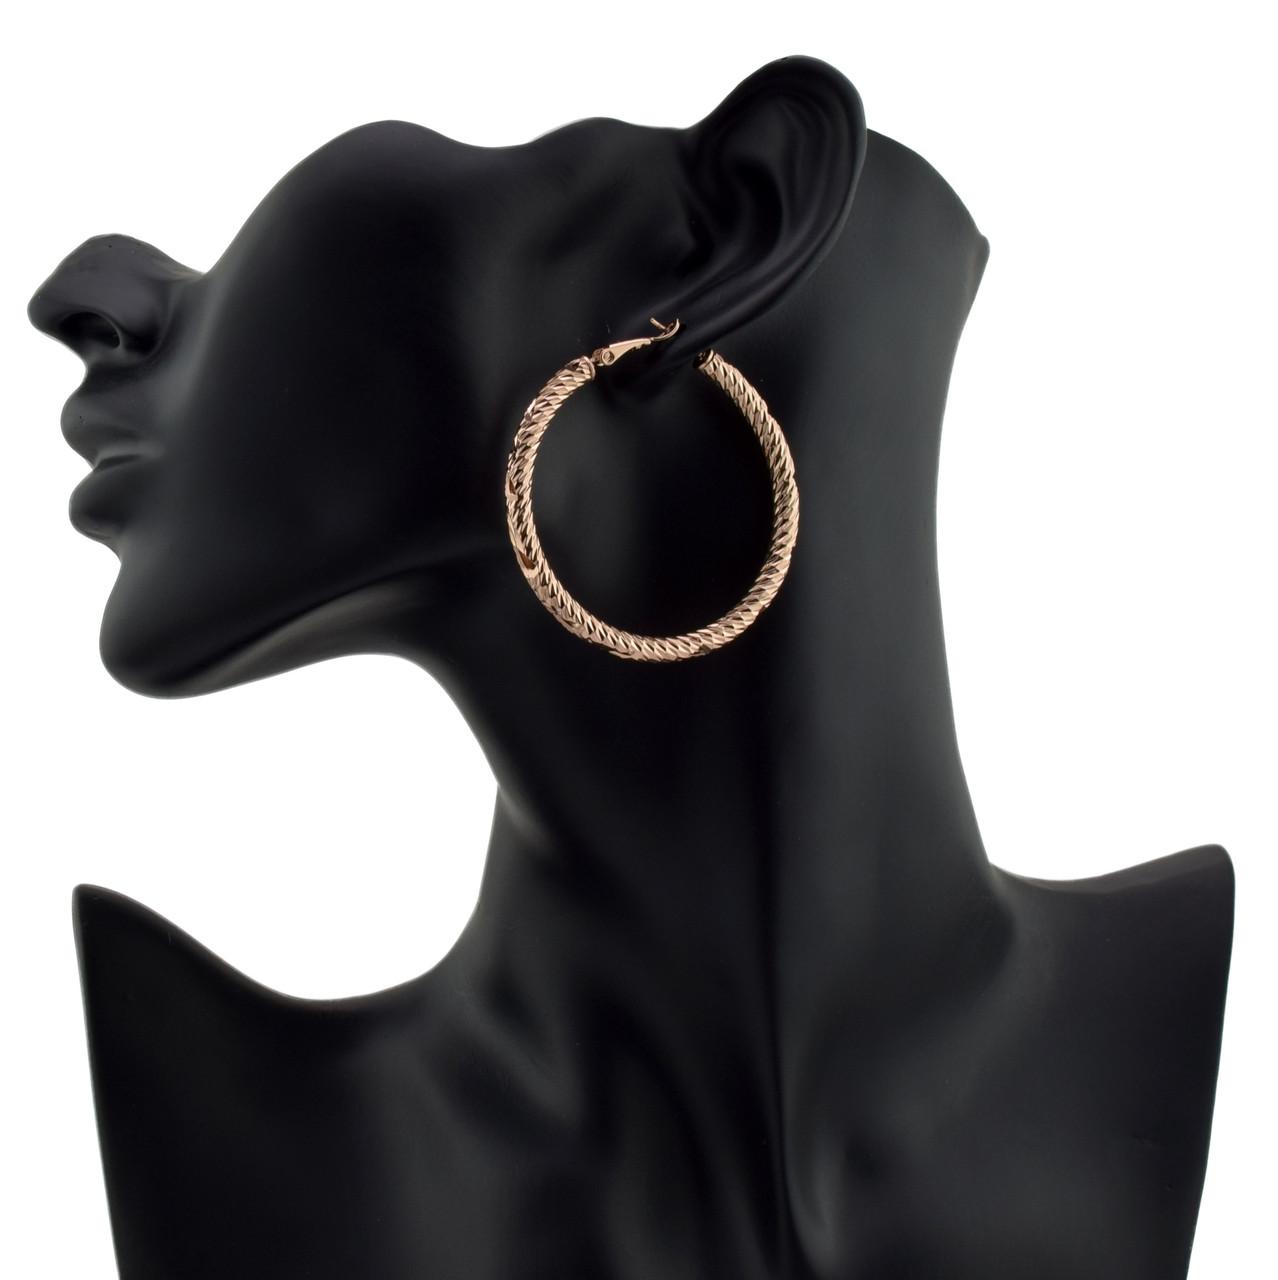 Серьги-кольца 54806 размер 48*4 мм, позолота РО